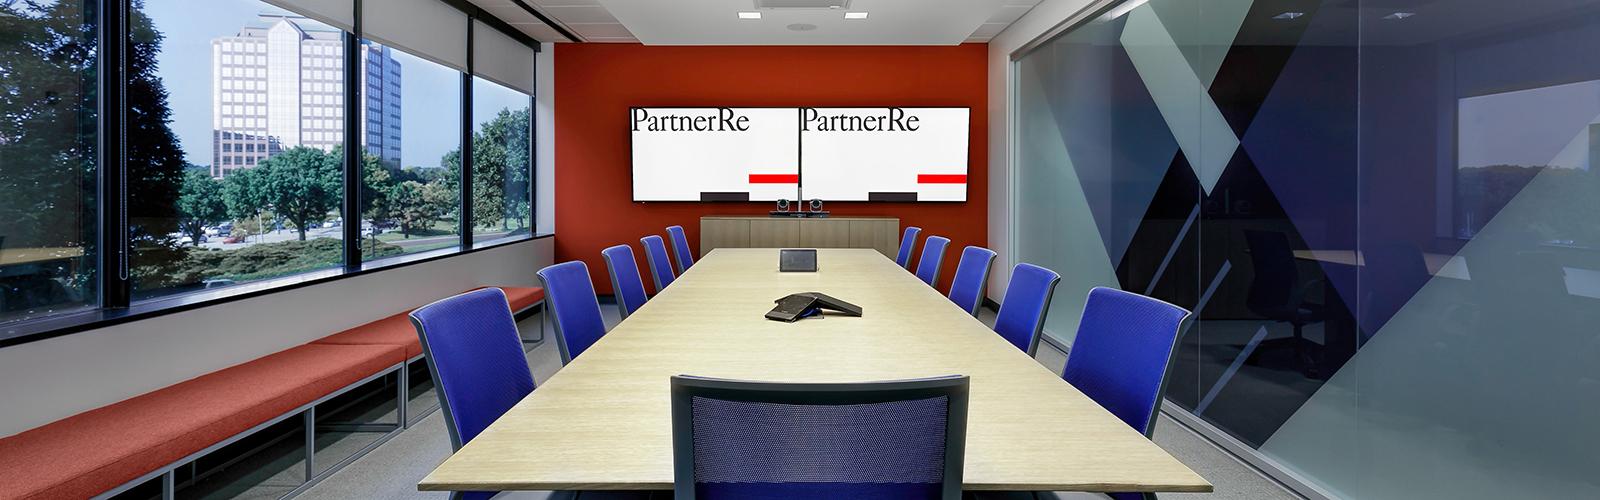 PartnerRe-1